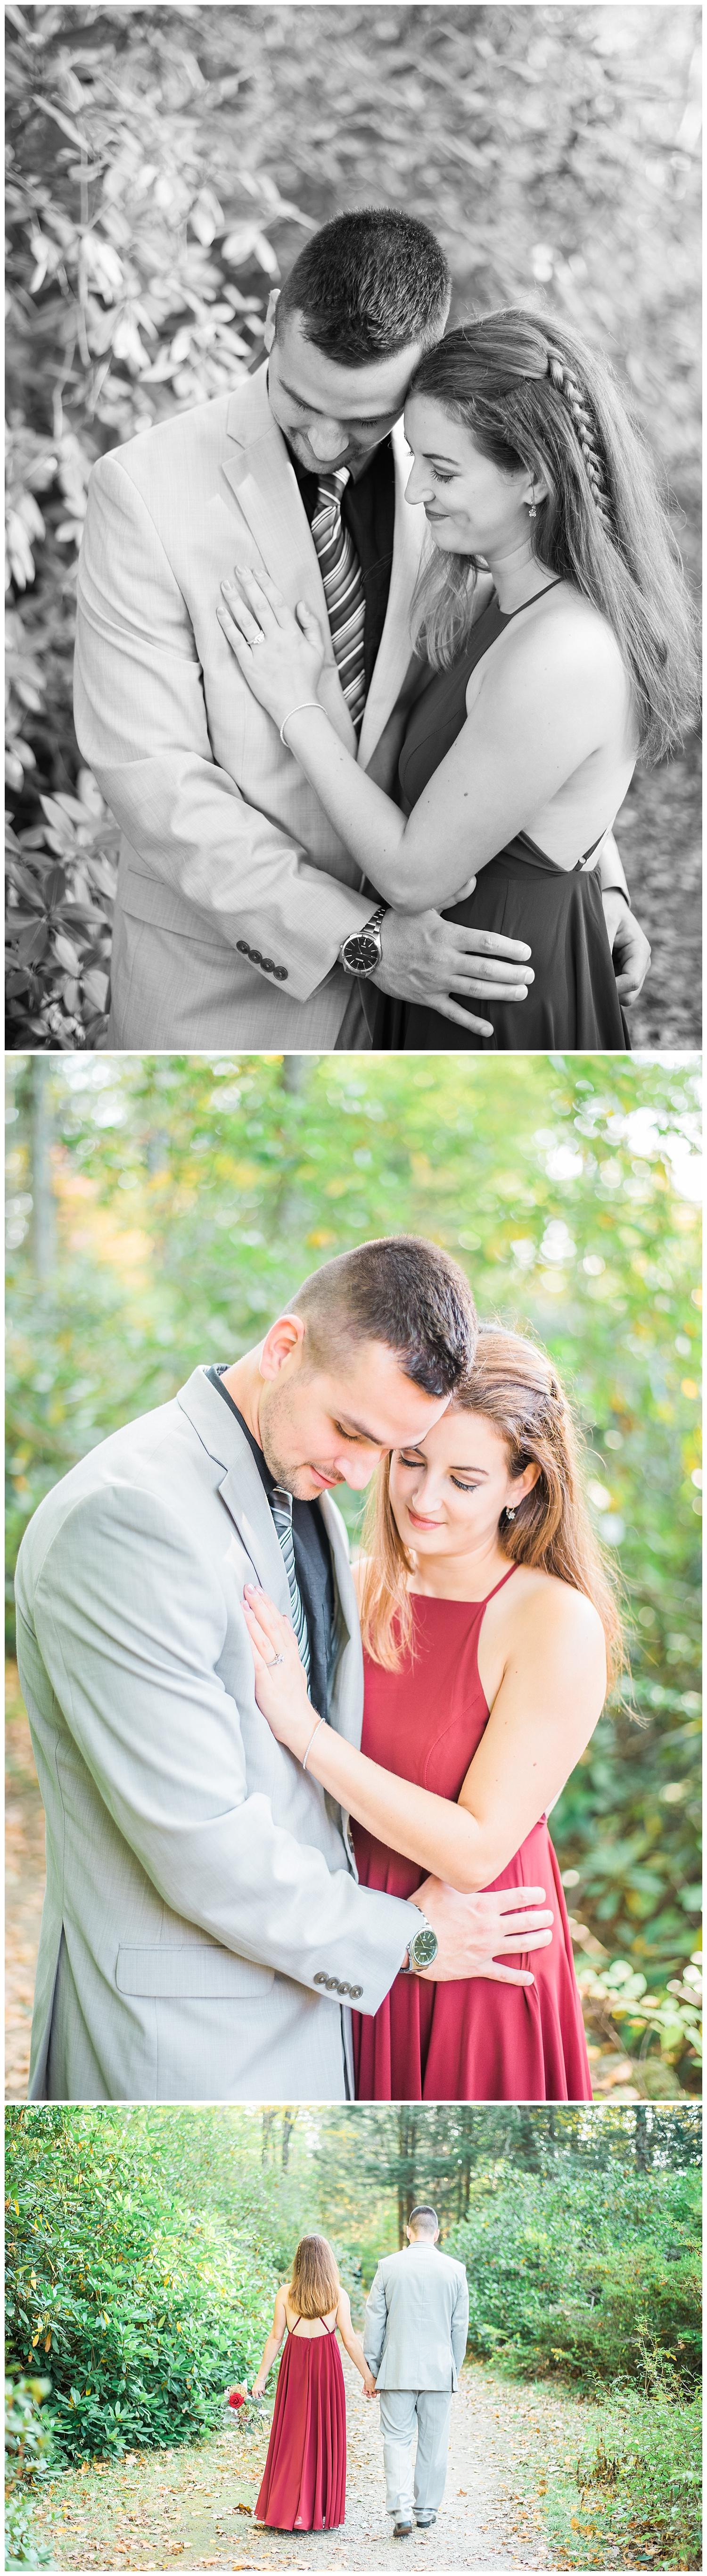 Massachusetts Engagement Photographer J and E 8.jpg